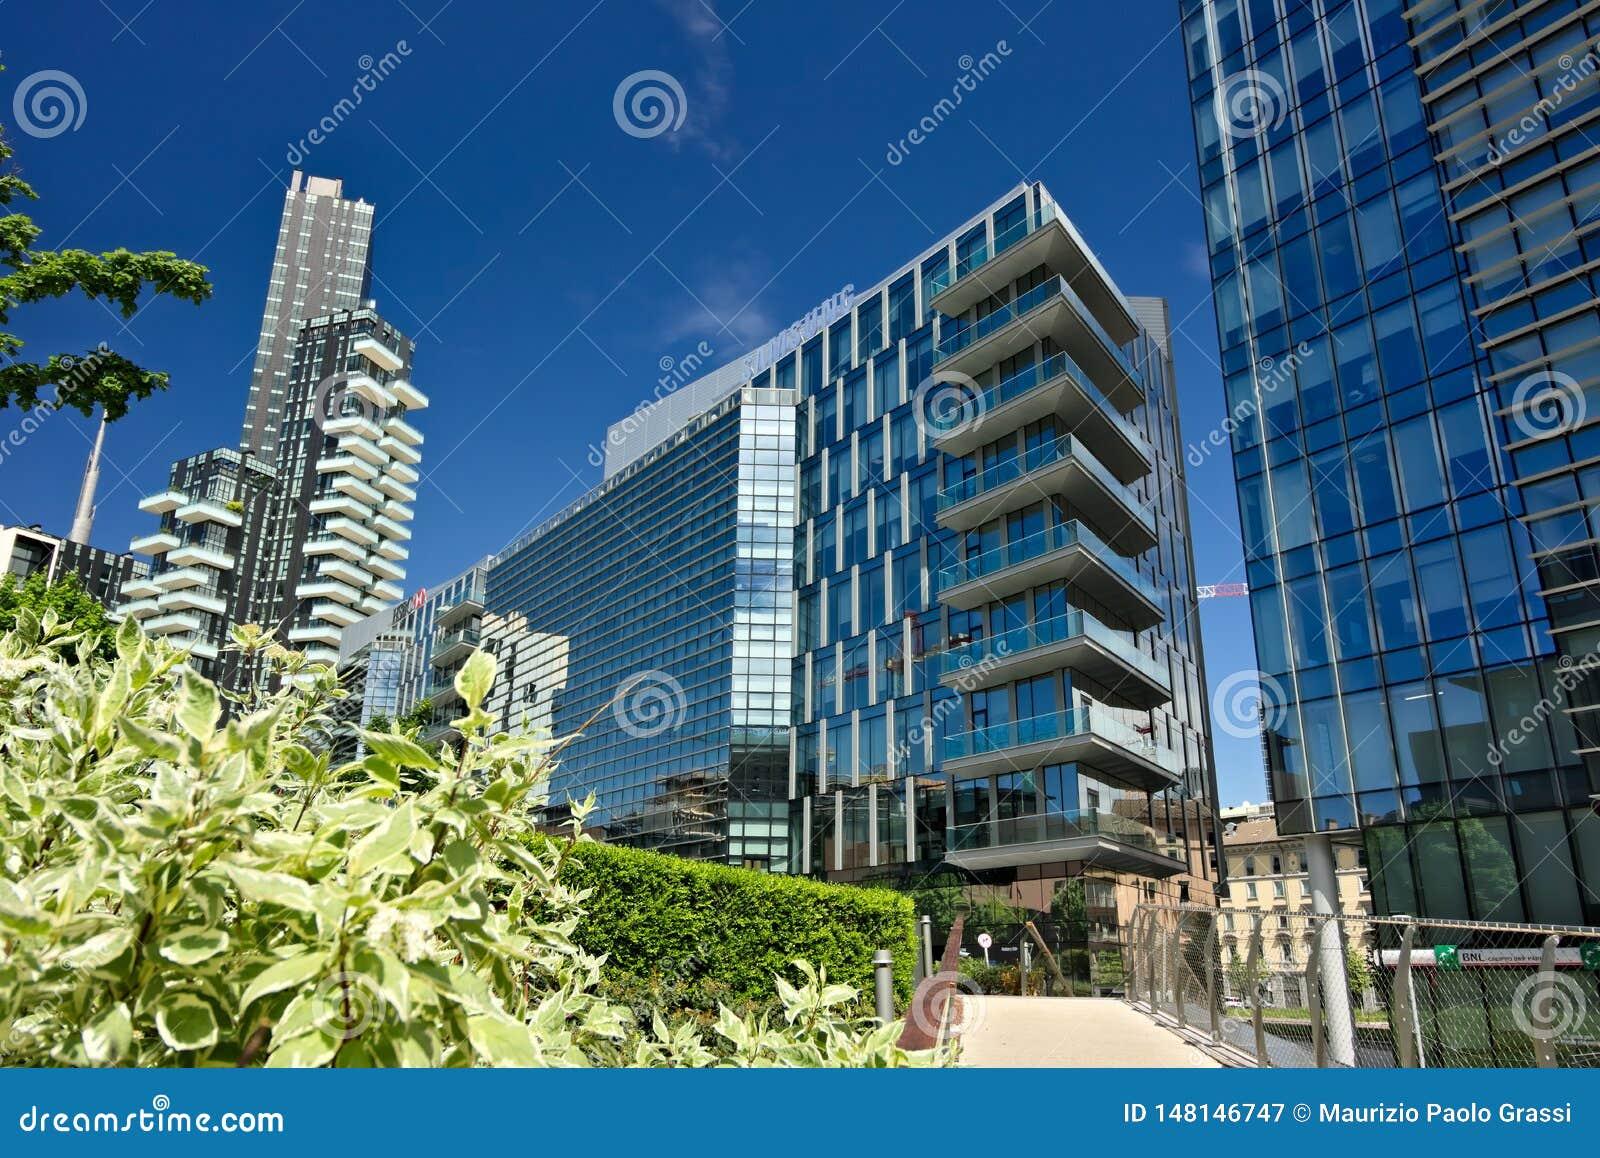 Solarien ragen mit Balkonen und modernen Geb?uden mit curtan Glasfassaden hoch Gesch?ftsgebiet mit Wolkenkratzern und glasiert